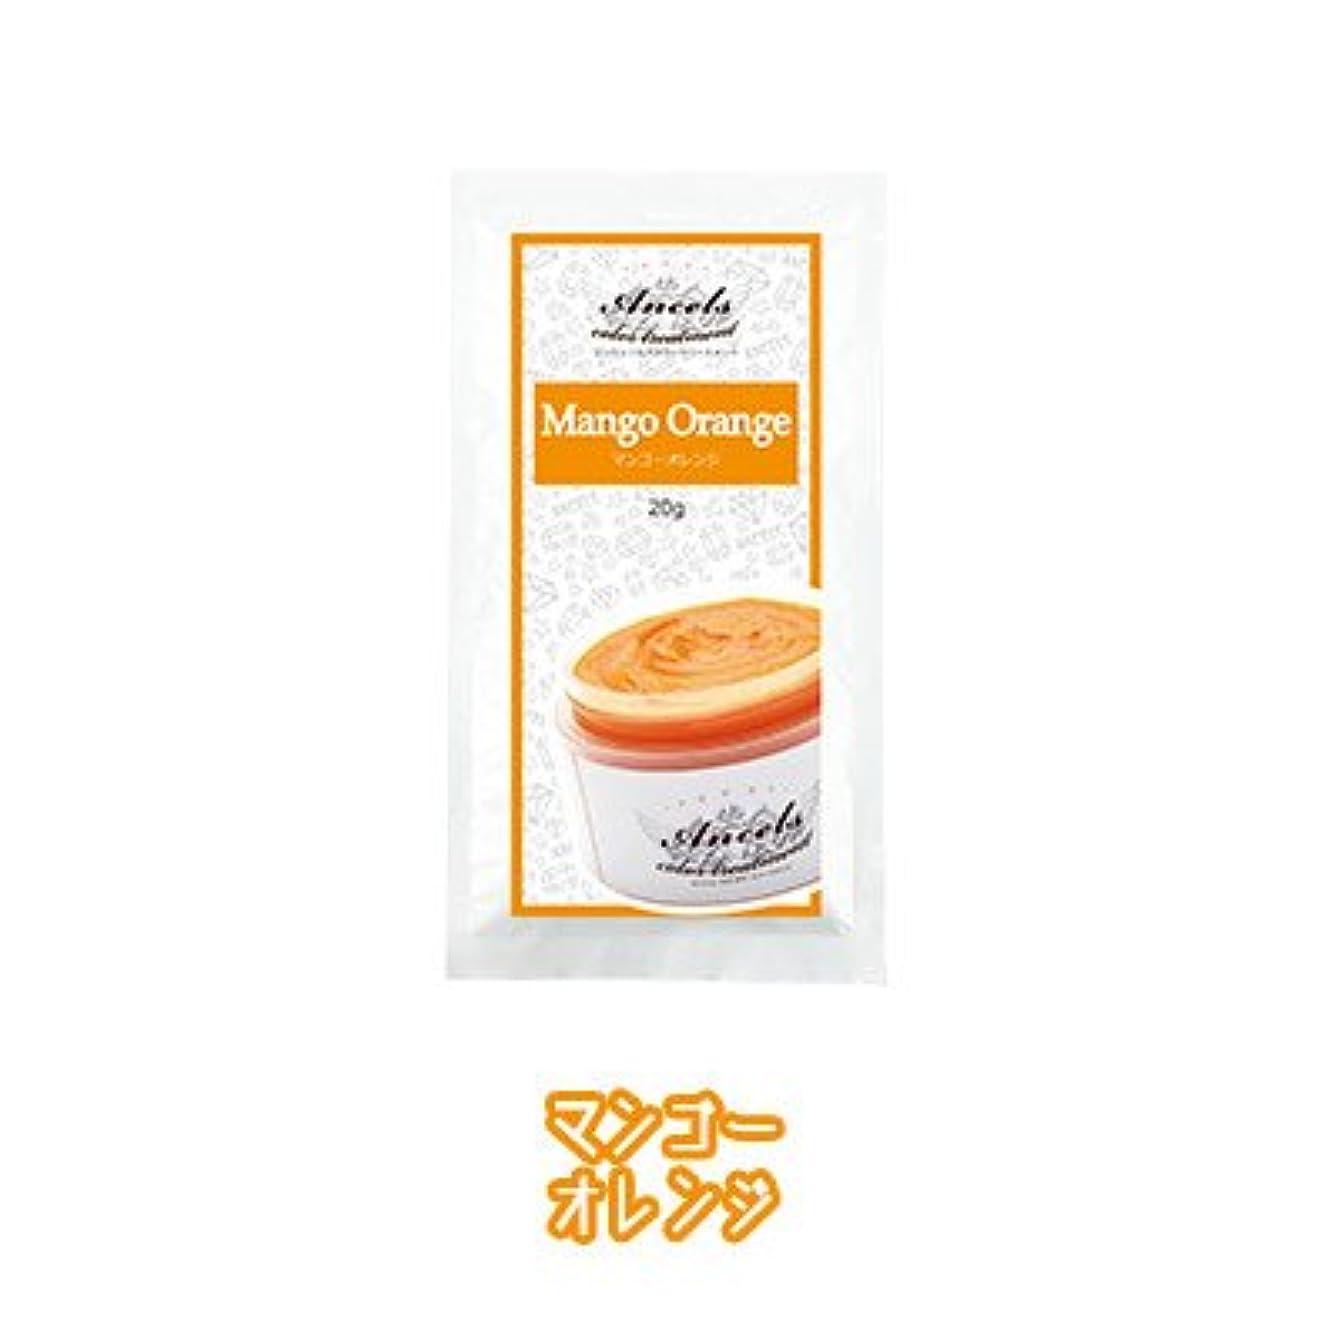 進行中用量エレクトロニックエンシェールズ カラートリートメントバター プチ(お試しサイズ) マンゴーオレンジ 20g